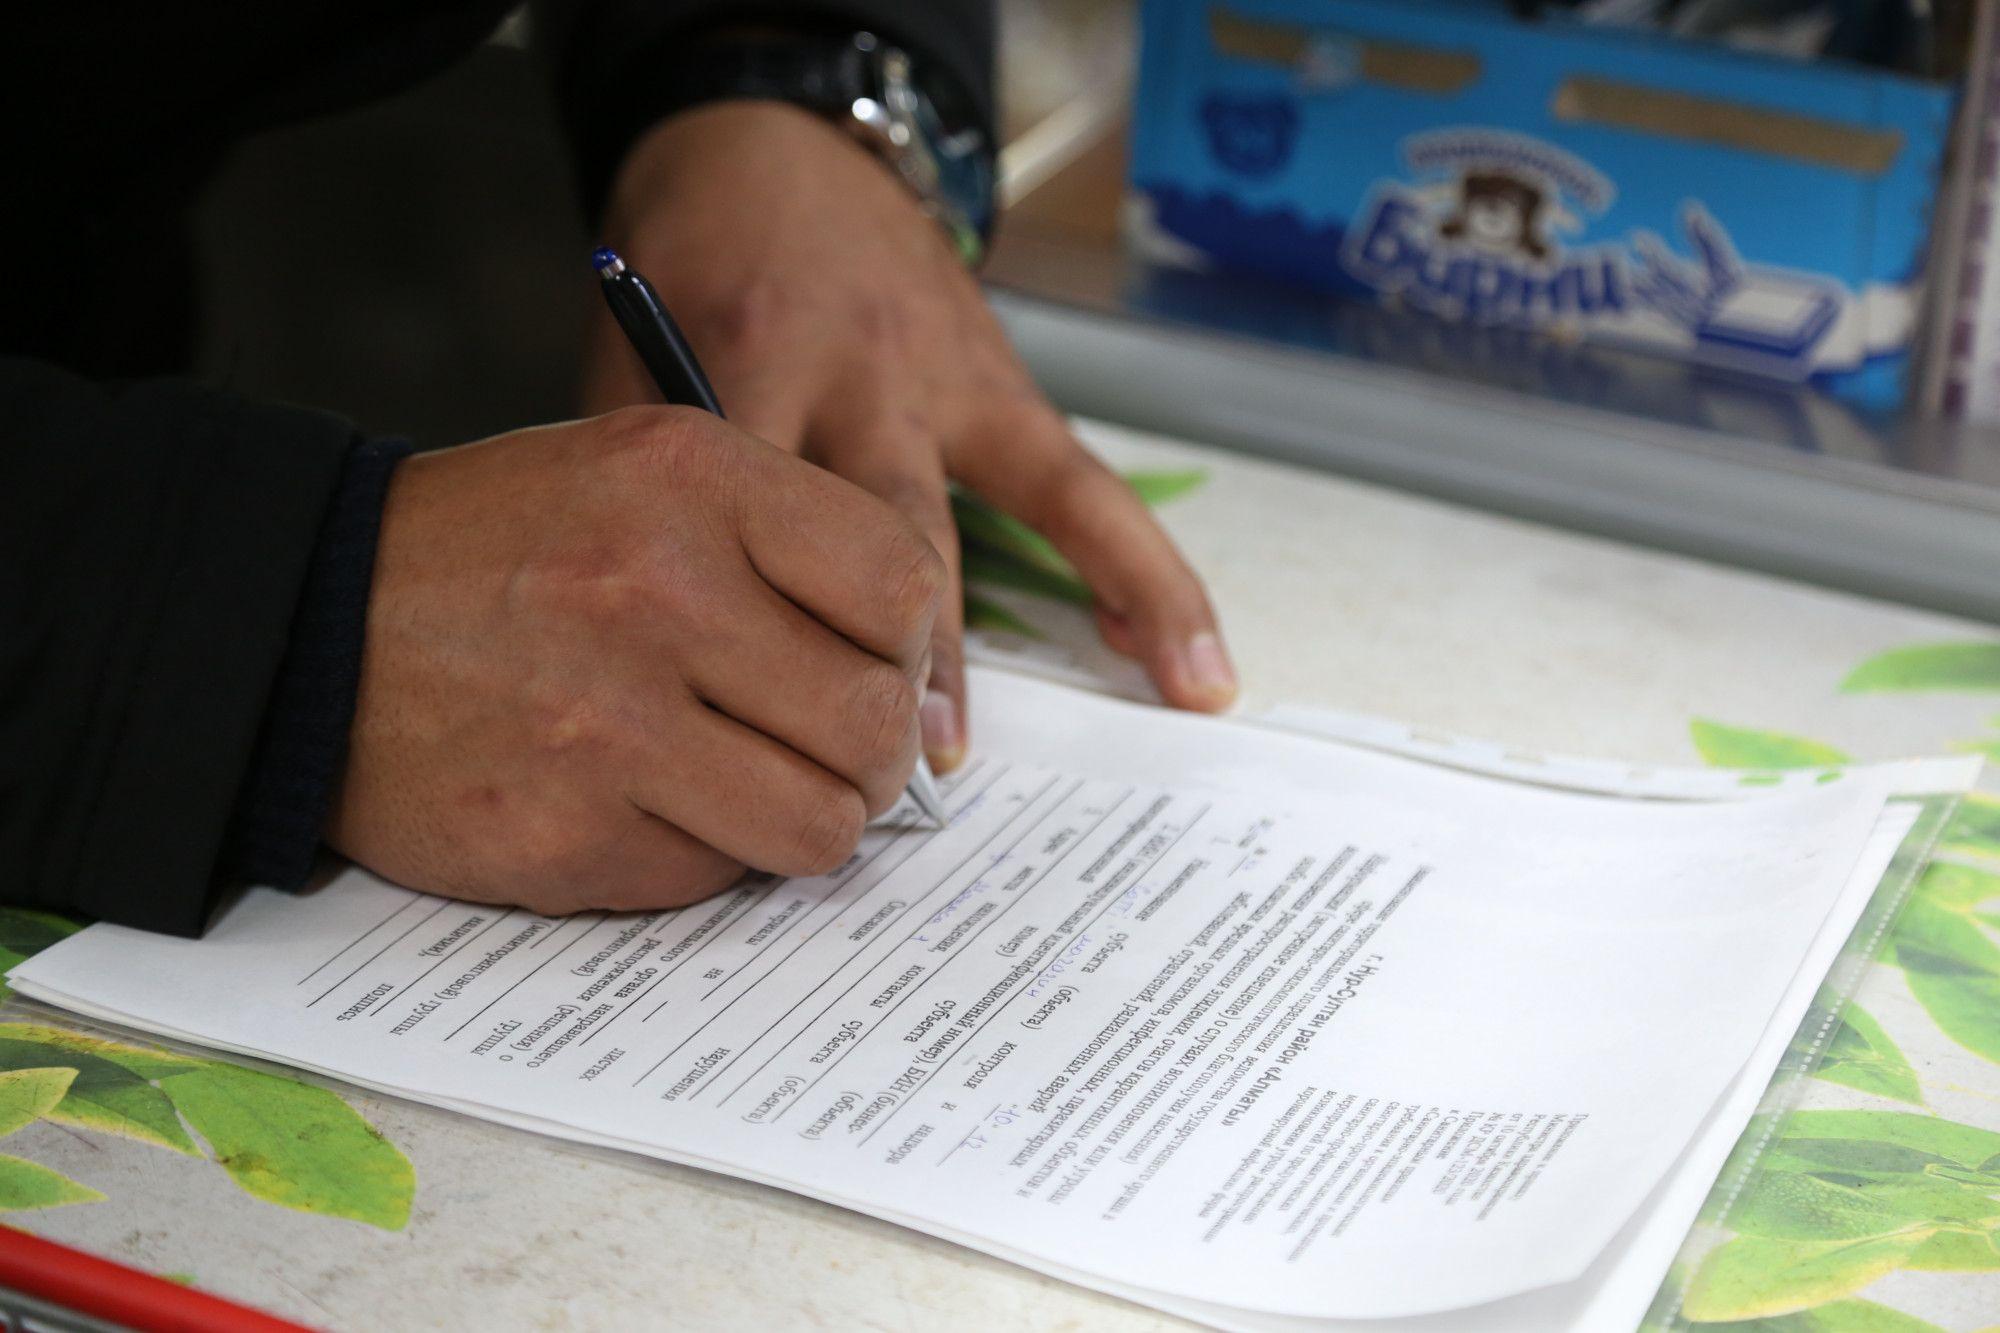 В столице намерены приостановить работу 7 баров и ресторанов - Kapital.kz